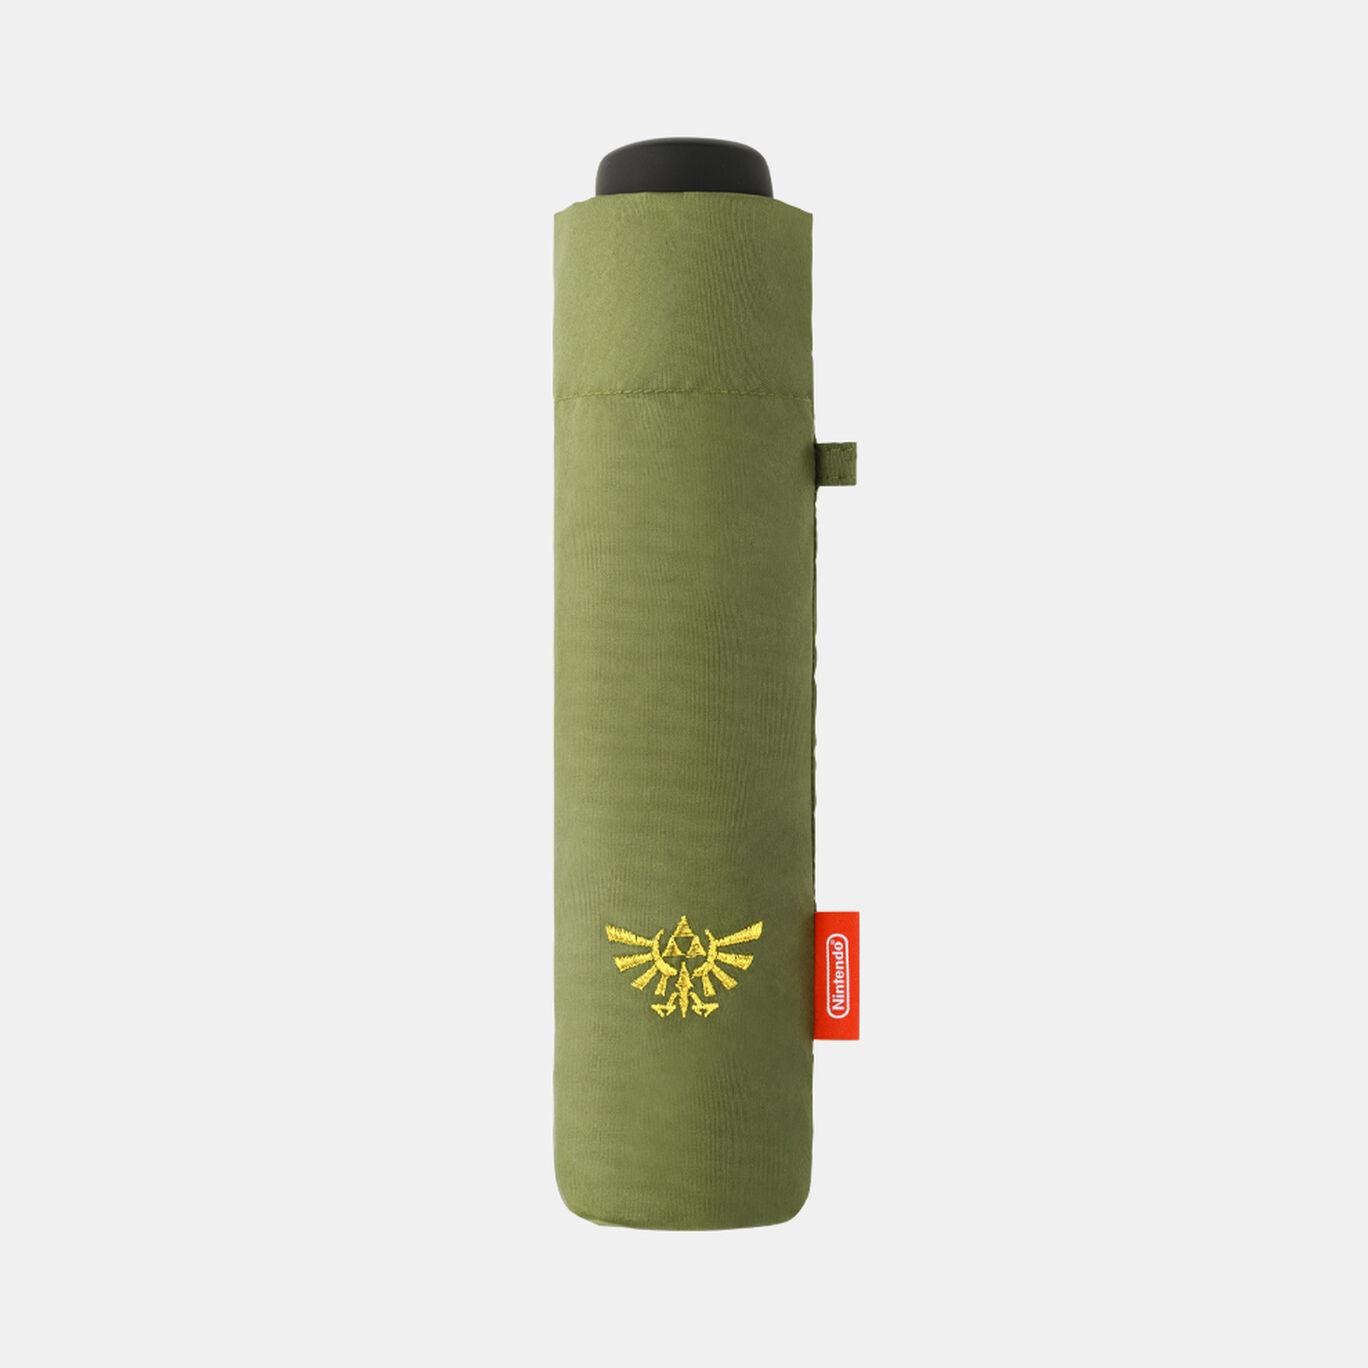 【新商品】折りたたみ傘 グリーン ゼルダの伝説【Nintendo TOKYO取り扱い商品】